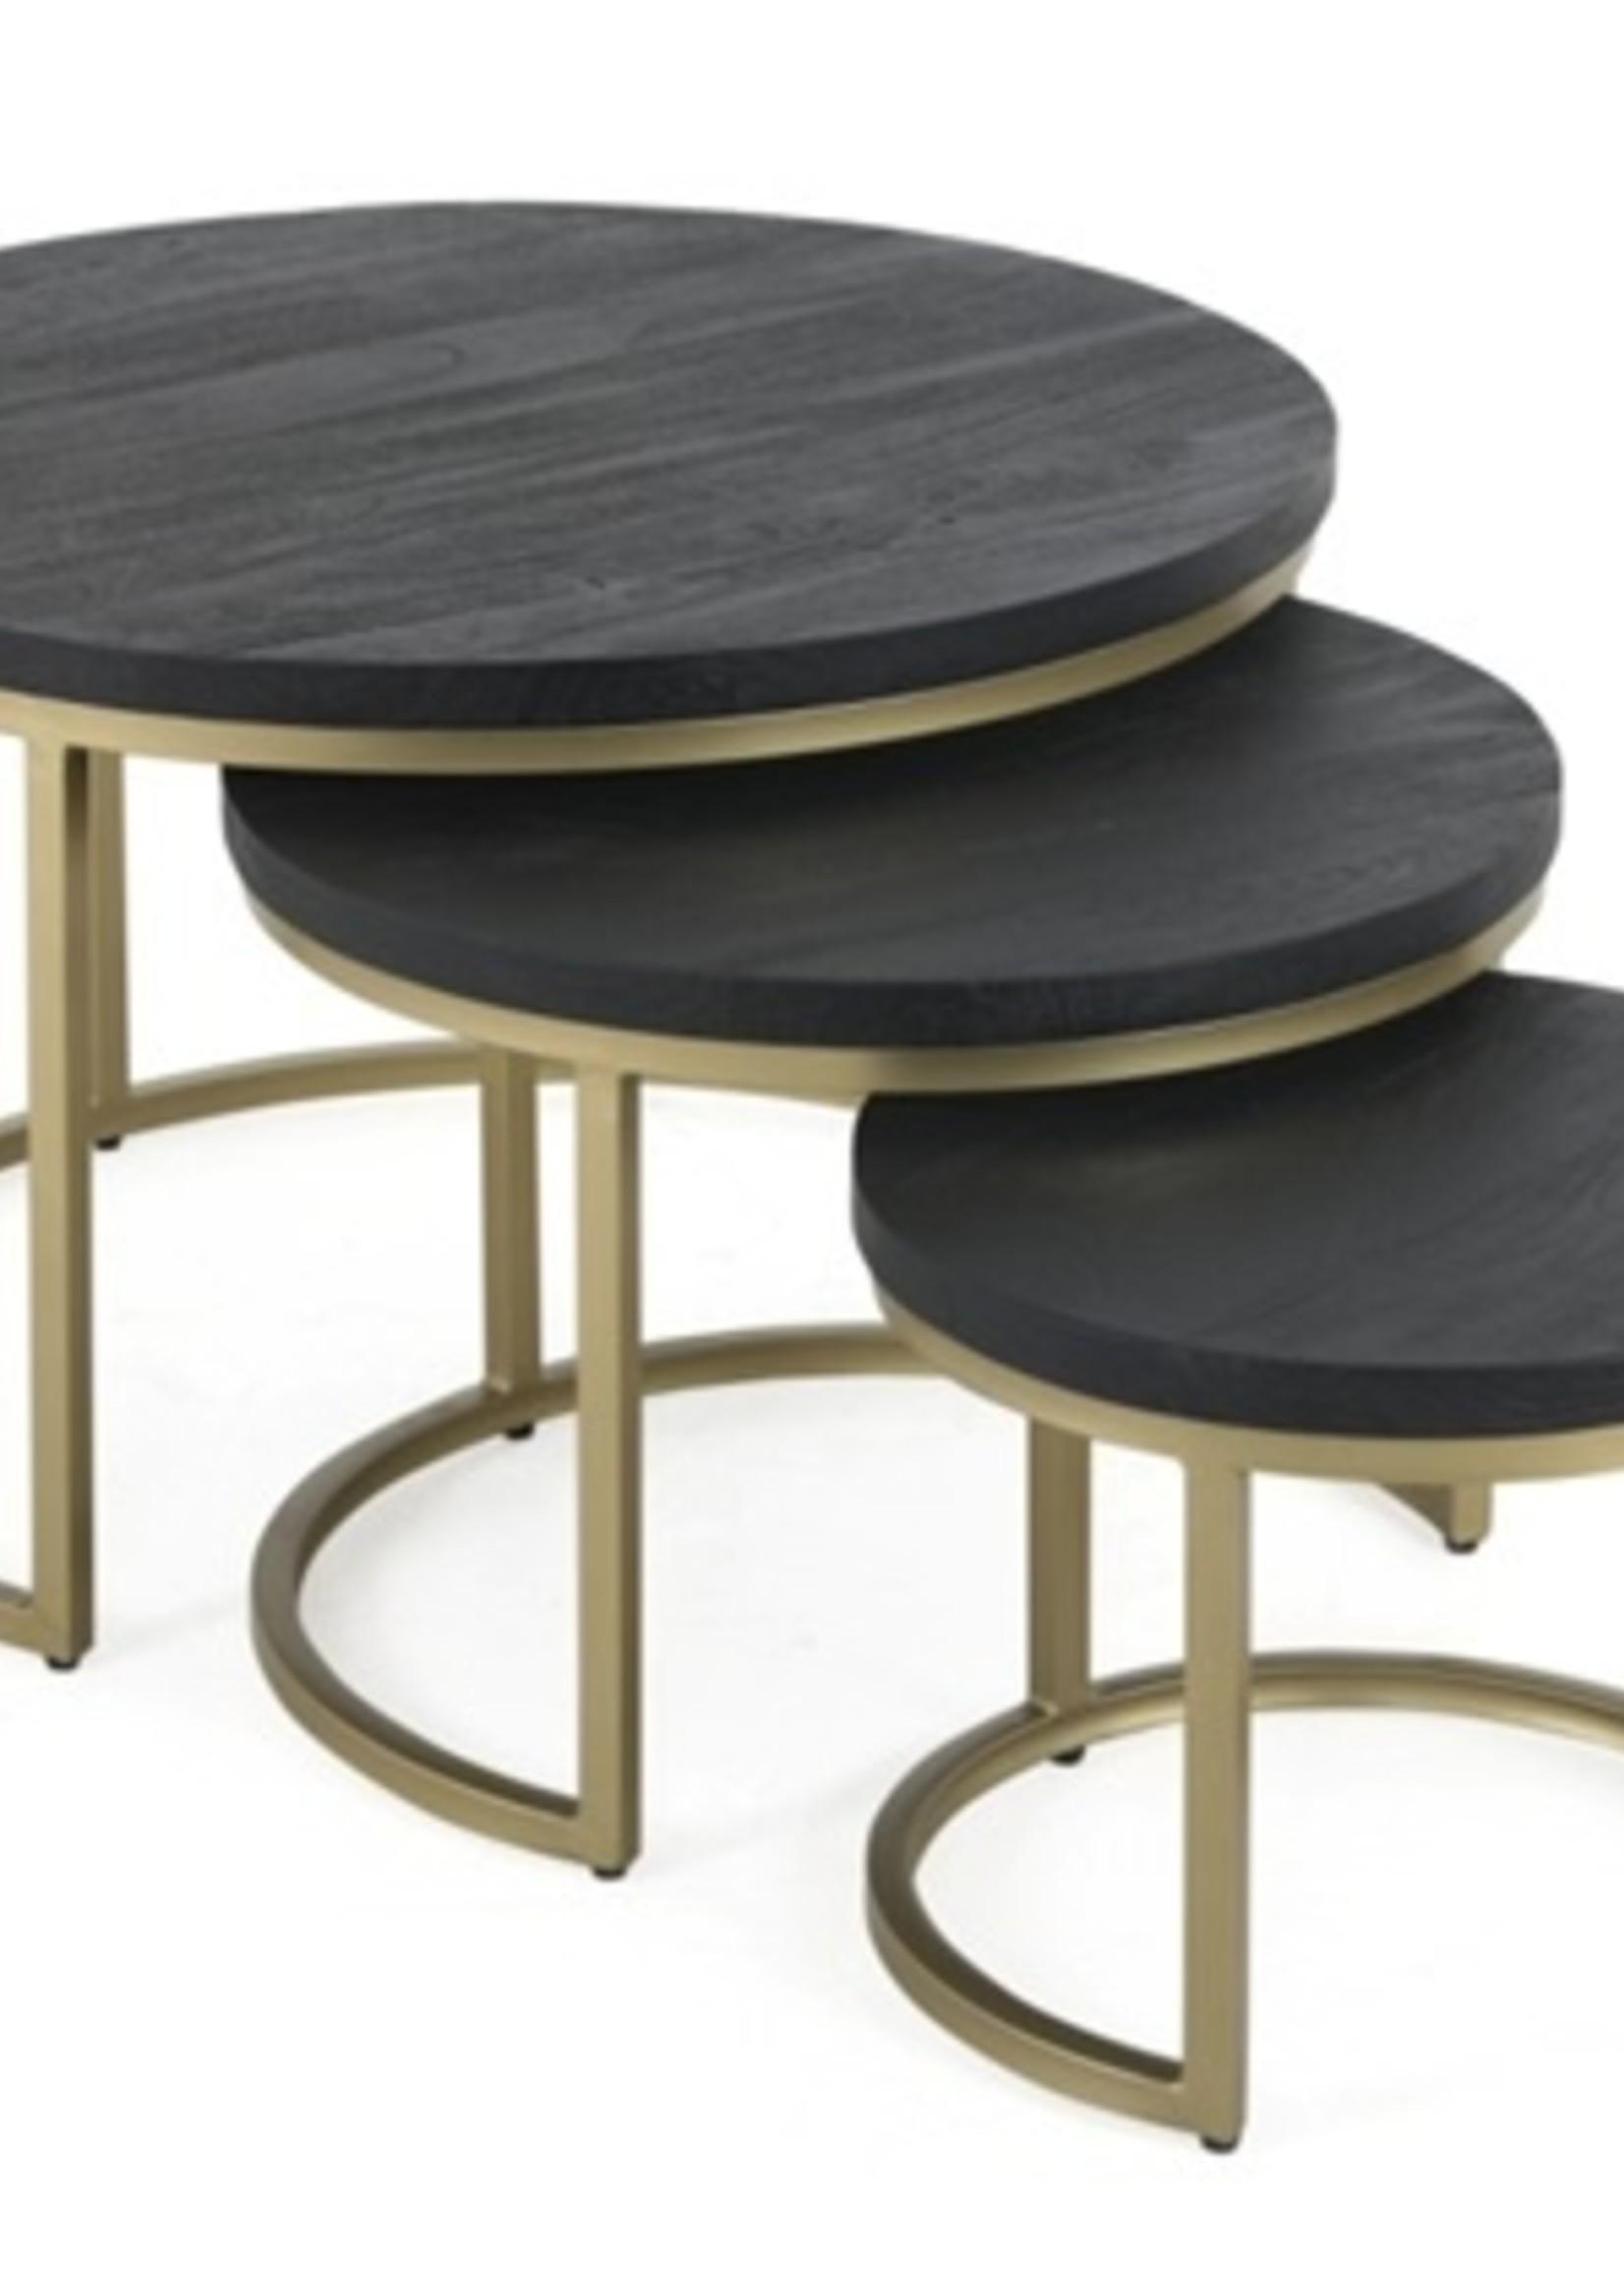 Moods Collection Salontafel zwart hout/goud onderstel maat S